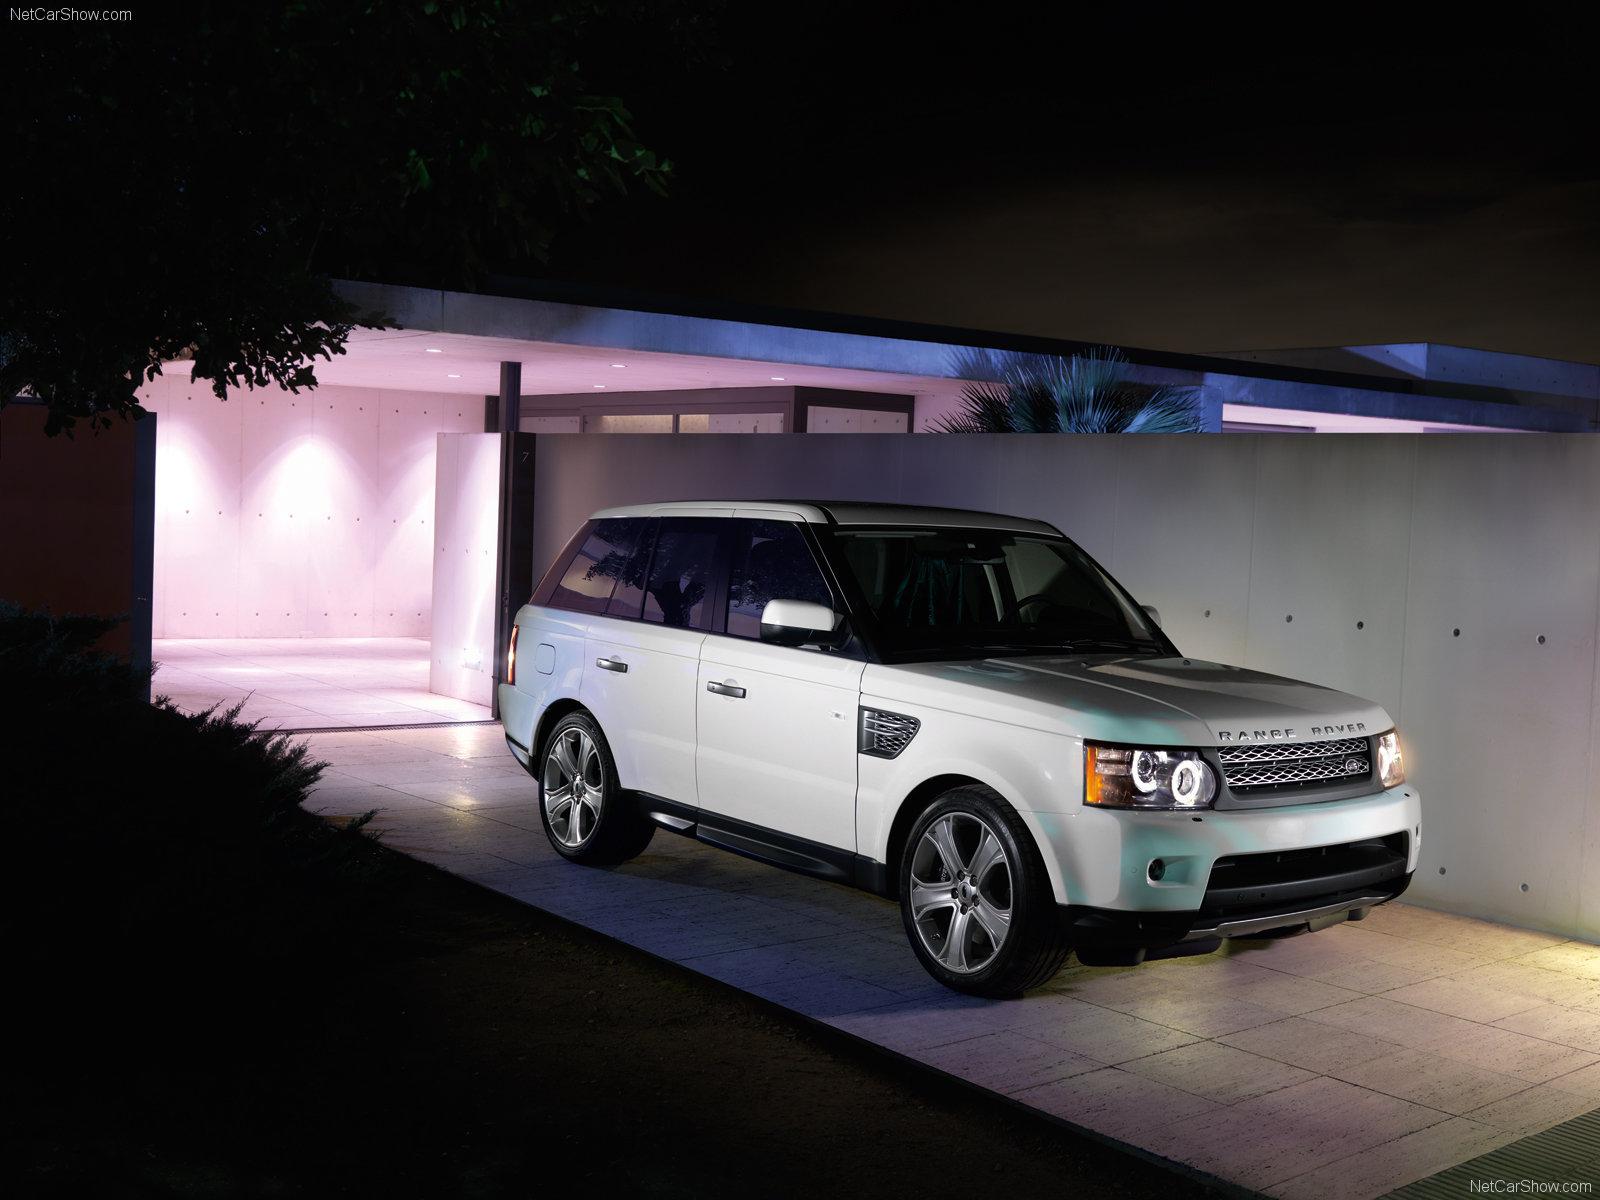 http://2.bp.blogspot.com/-7Db_4cTGGgs/T99pdeohVPI/AAAAAAAAA9M/EkDJsbYCyfg/s1600/Land-Rover-Range-Rover-Sport-1600x1200_wallpaper_01.jpg